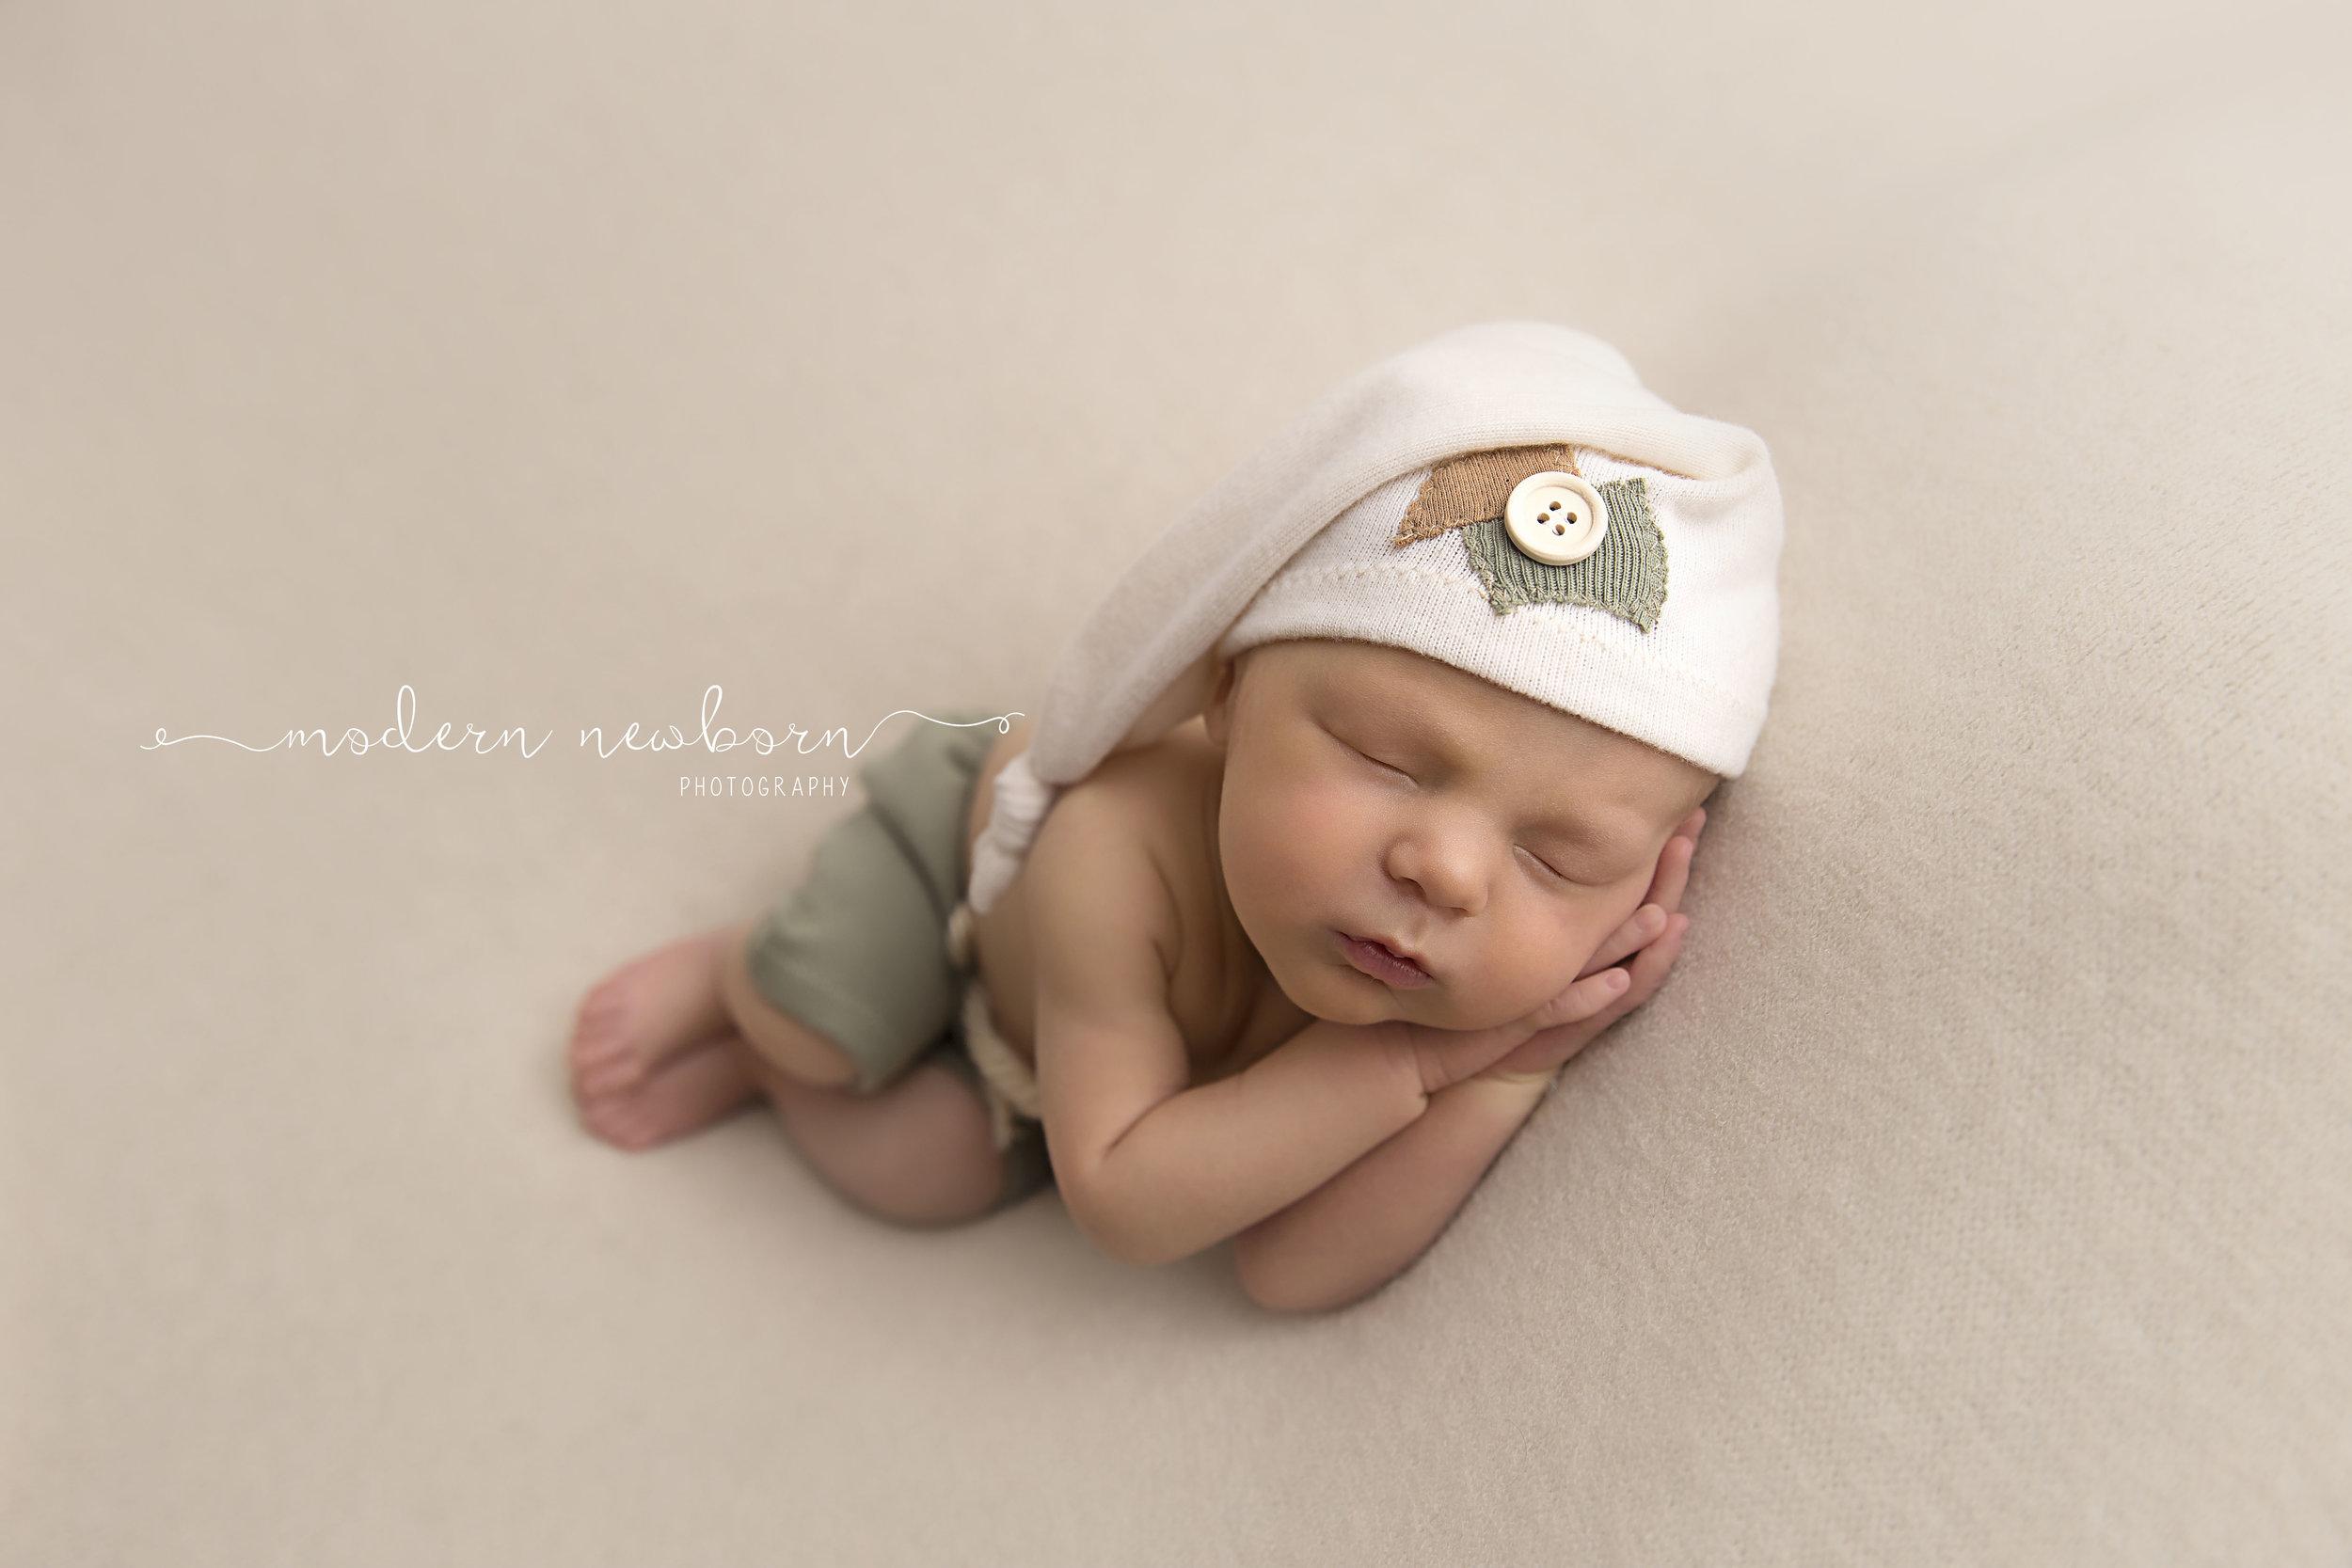 modern-newborn-photography-1.jpg